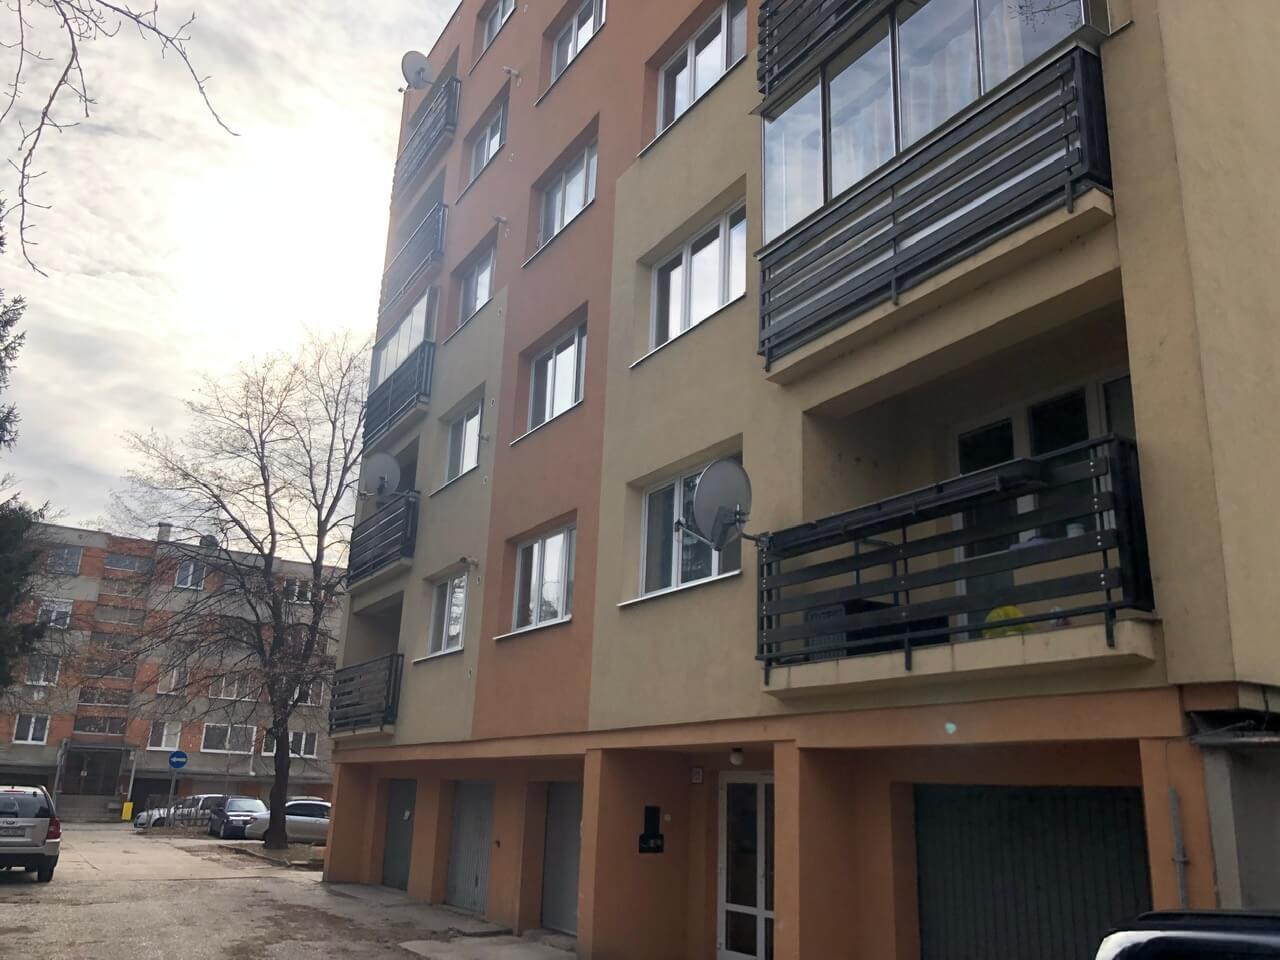 Predaný: Exkluzívne na predaj 3 izb. byt, 81,7m2, balkón 5 m2, pivnica 6m2, garáž, Dunajská Lužná, ulica Brezová-31